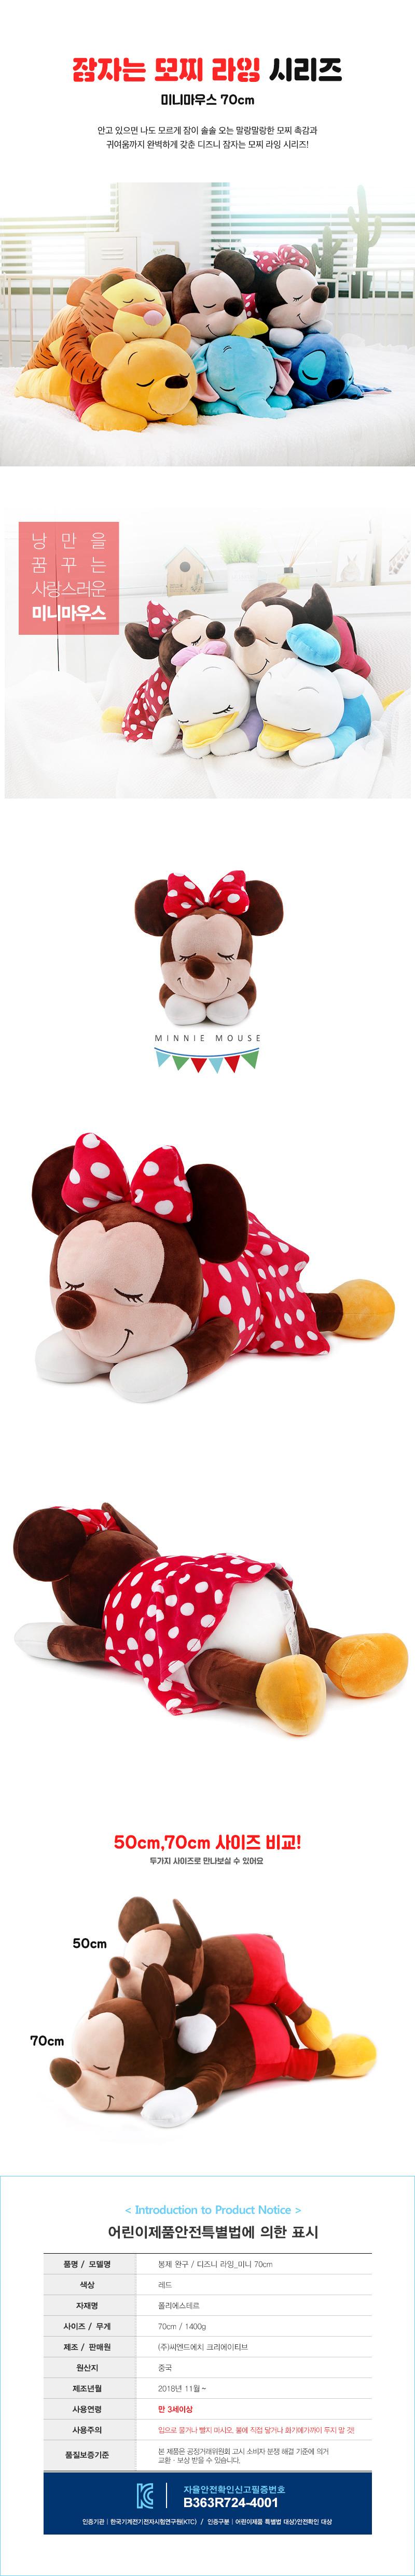 디즈니 모찌 라잉 미니마우스 70cm - 누리토이즈, 49,500원, 캐릭터인형, 디즈니